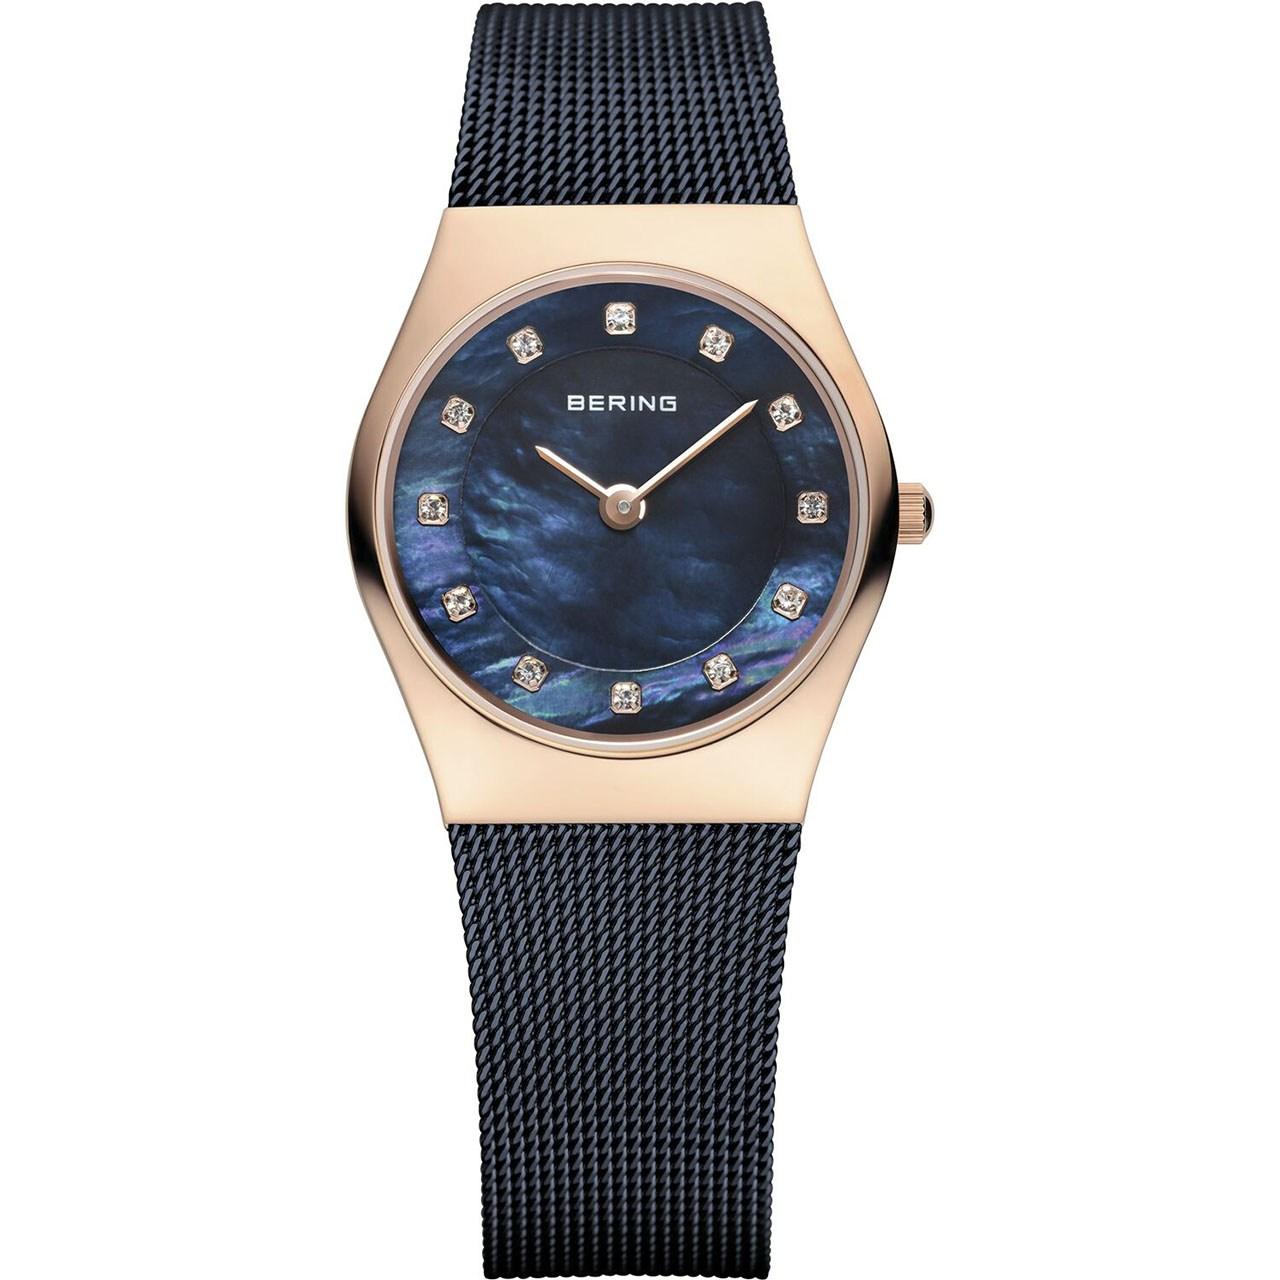 خرید ساعت مچی عقربه ای زنانه برینگ مدل 367-11927